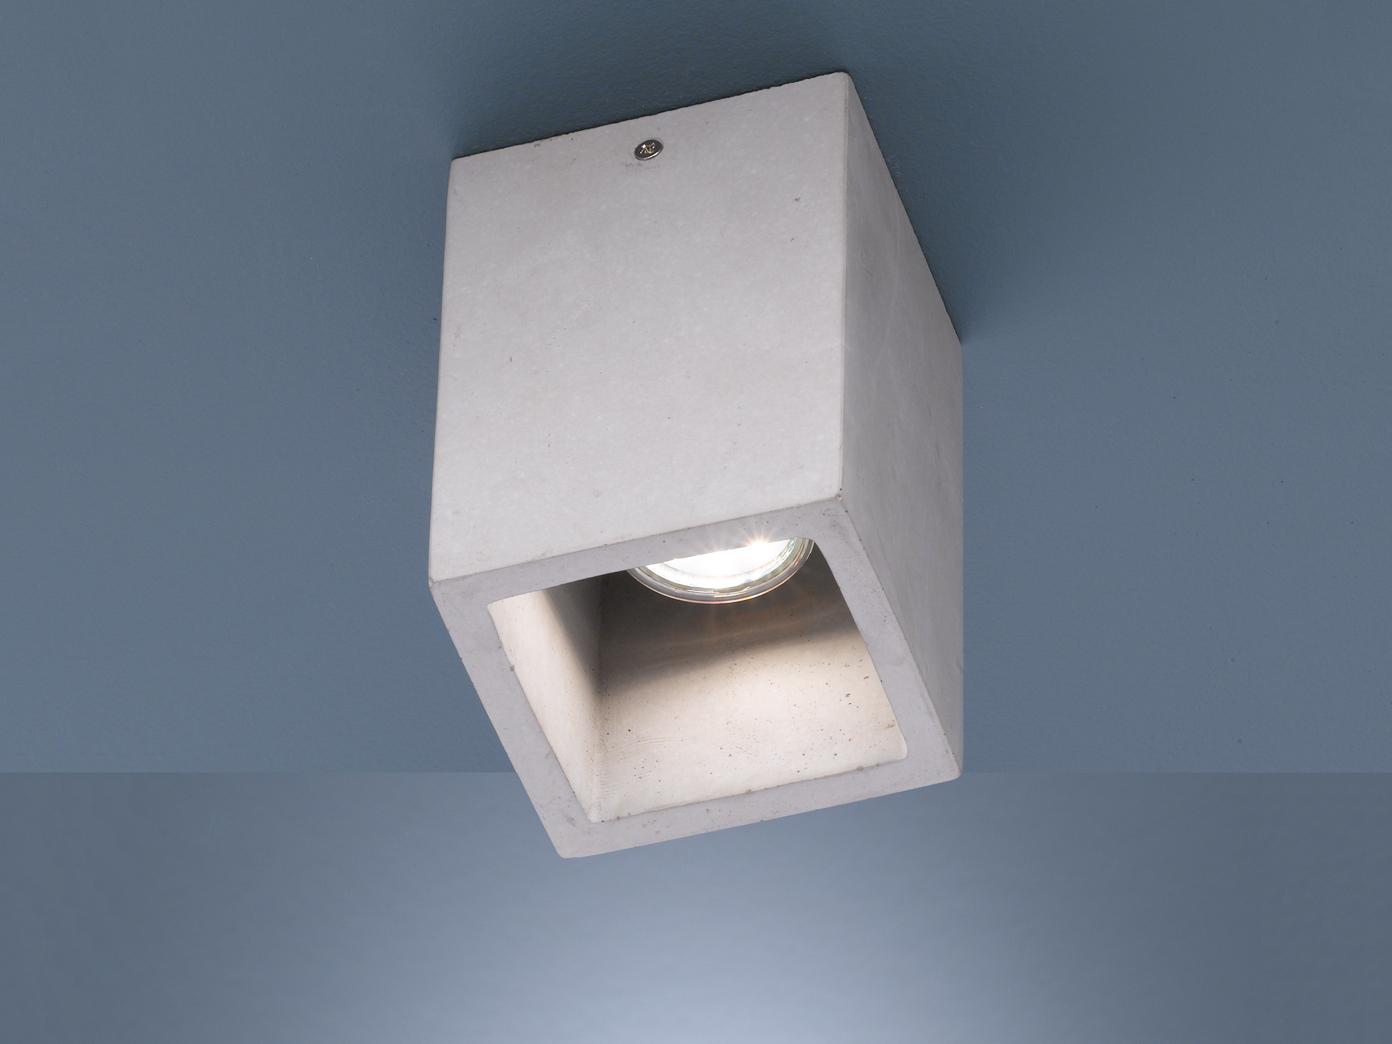 Dimmbare LED Deckenbeleuchtung für Wohnzimmer aus Beton toller ...